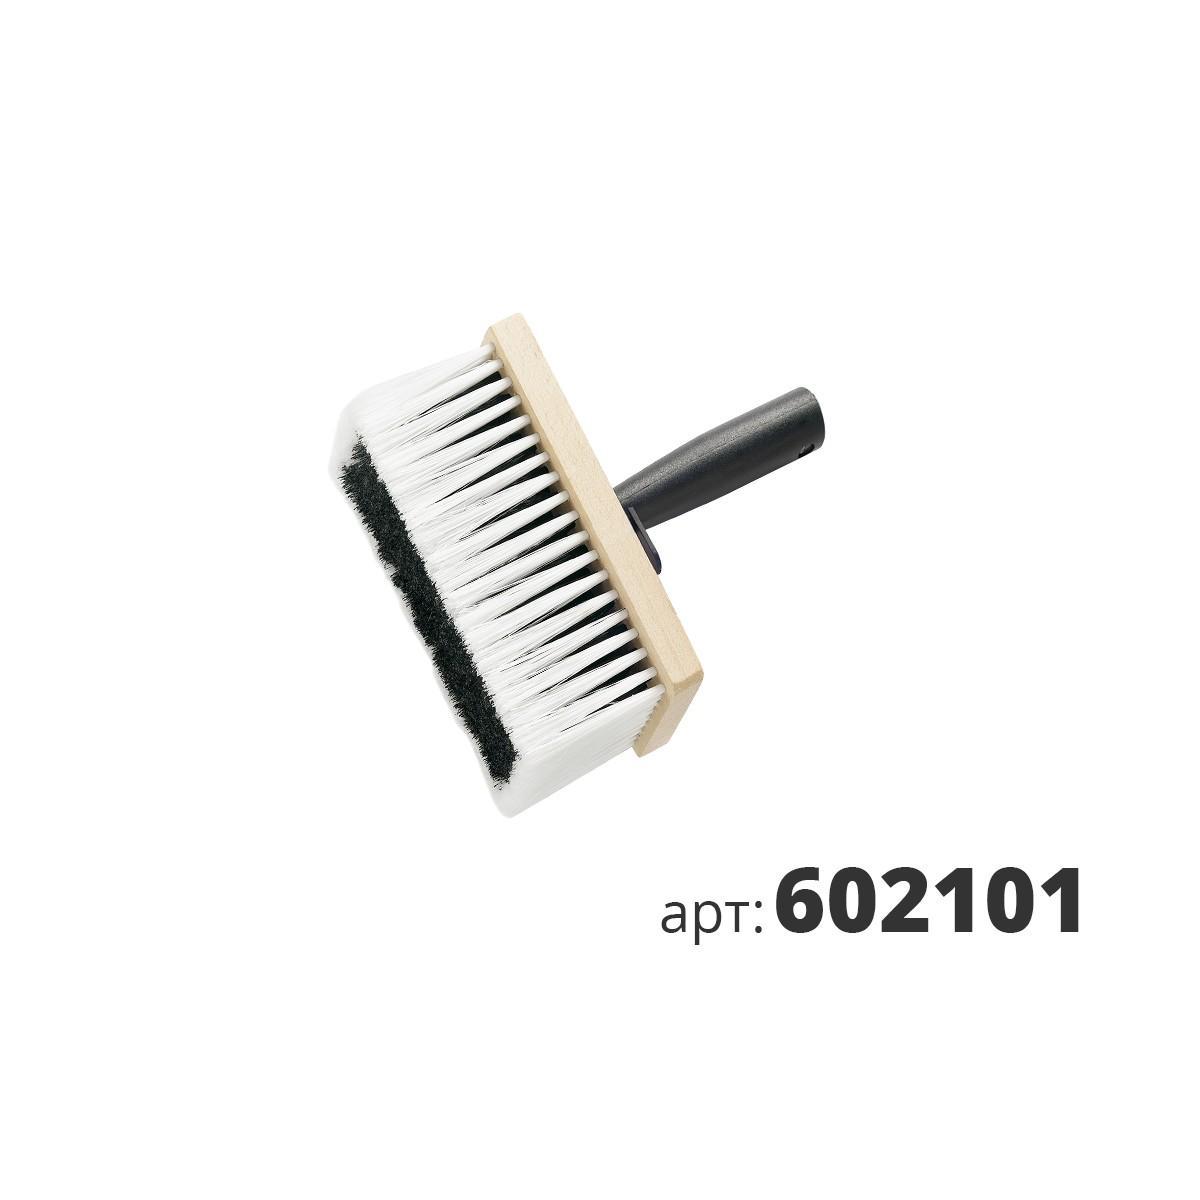 МАКО макловица универсальная, искусственная щетина 602101